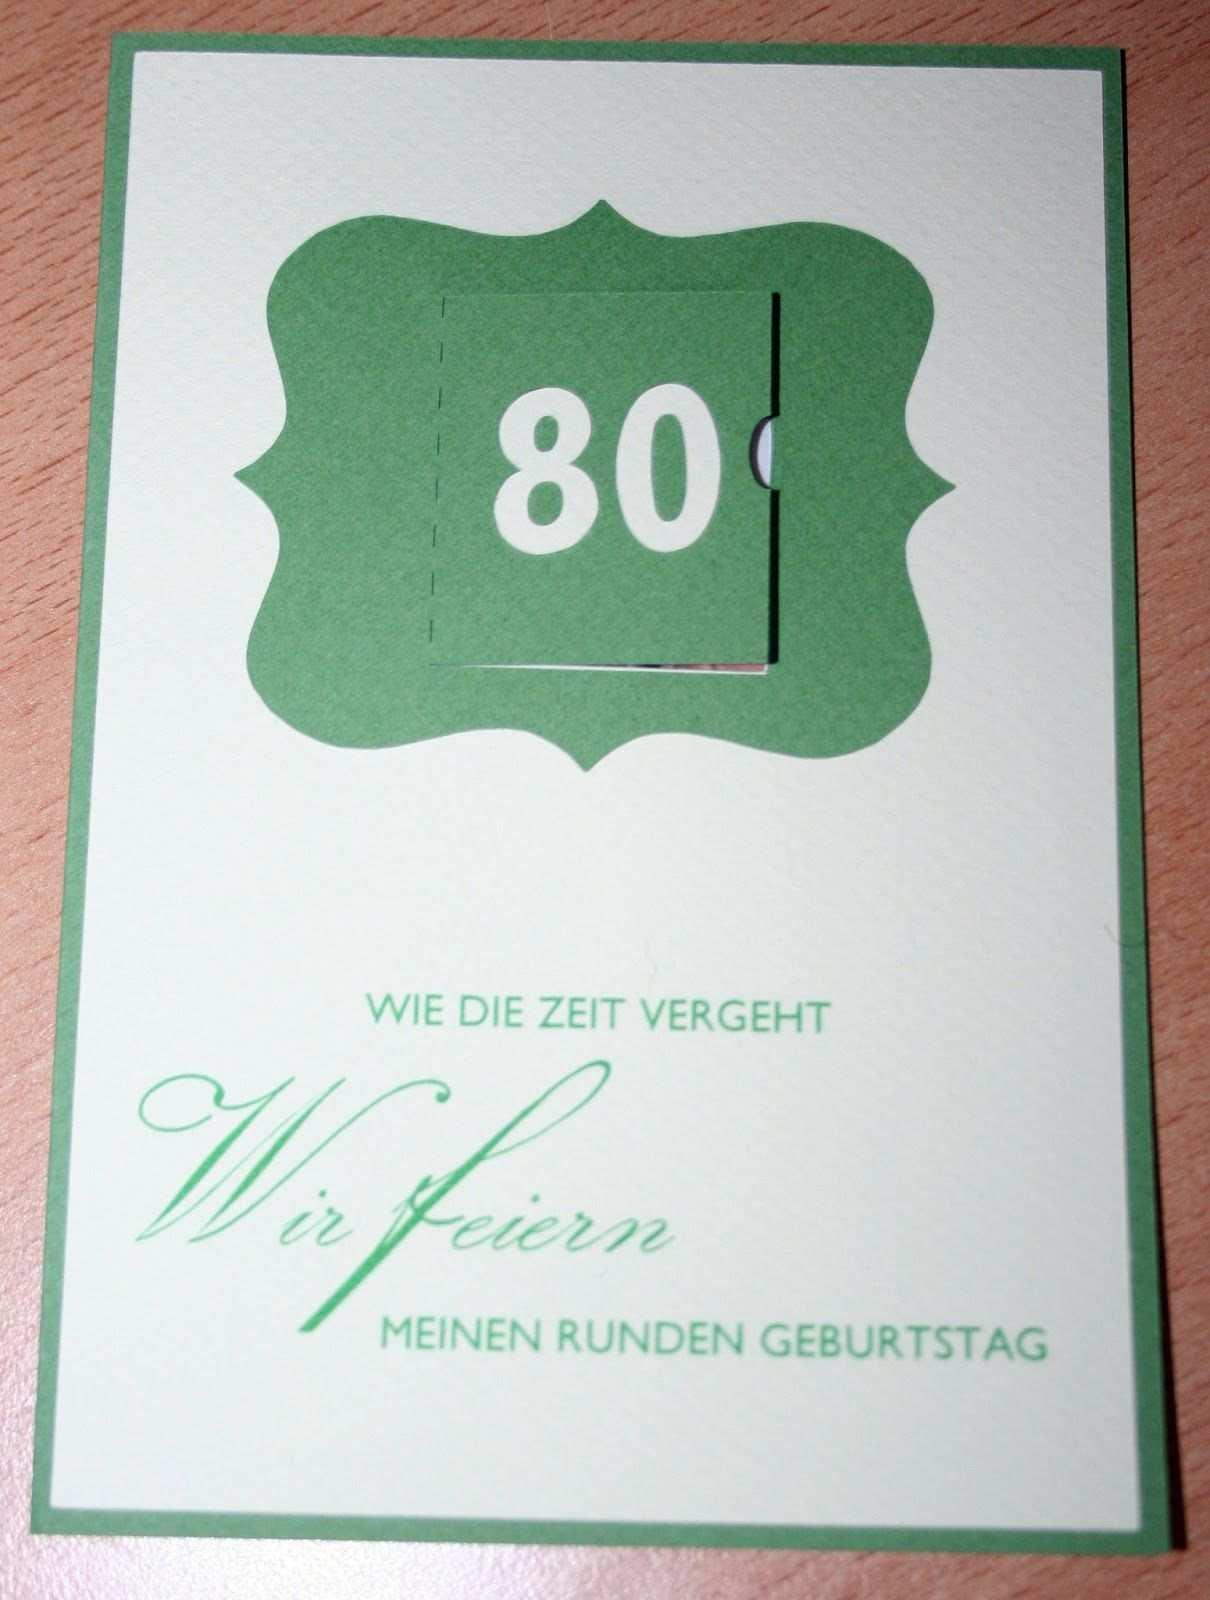 Einladung Zum 80 Geburtstag Indem Die Menschen Langsam Auf Ihr Letztendli Geburtstagseinladungen Zum Ausdrucken Einladung 80 Geburtstag Einladung Geburtstag